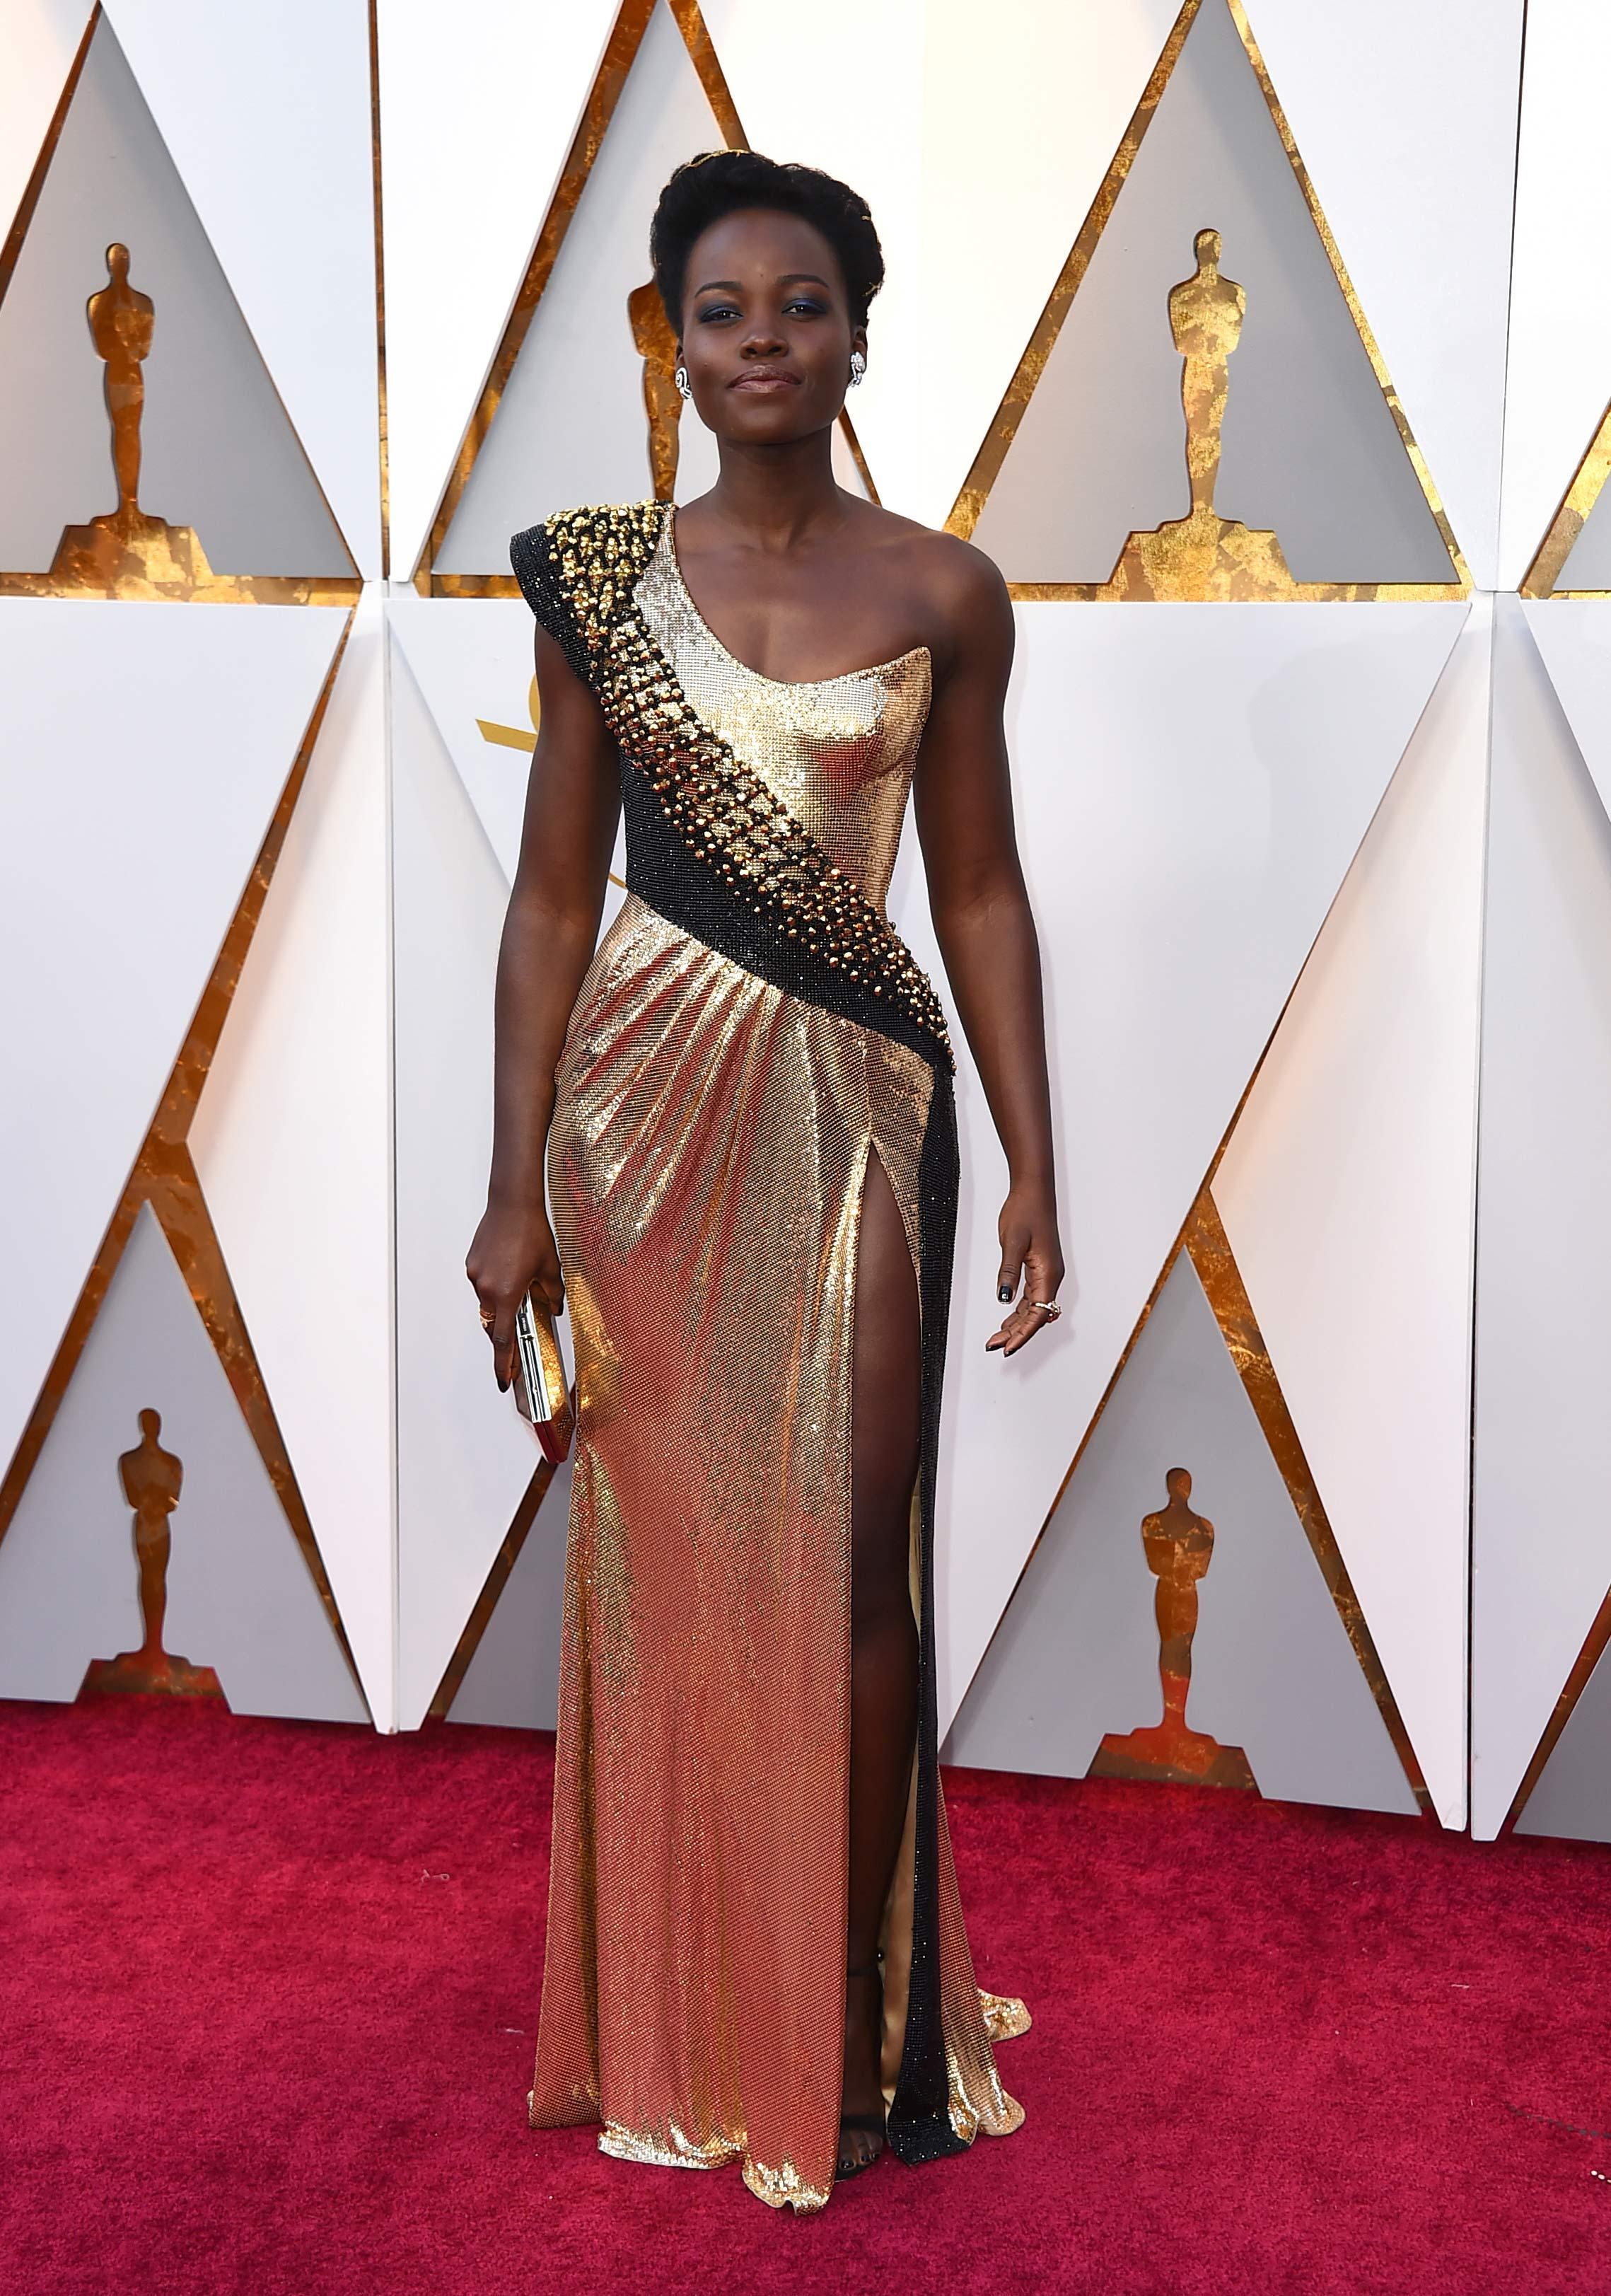 Lupita Nyong´o fue otra de las actrices que eligió un vestido en tonos metalizados, de la firma Versace, para la ceremonia de los Oscar. (The Associated Press)